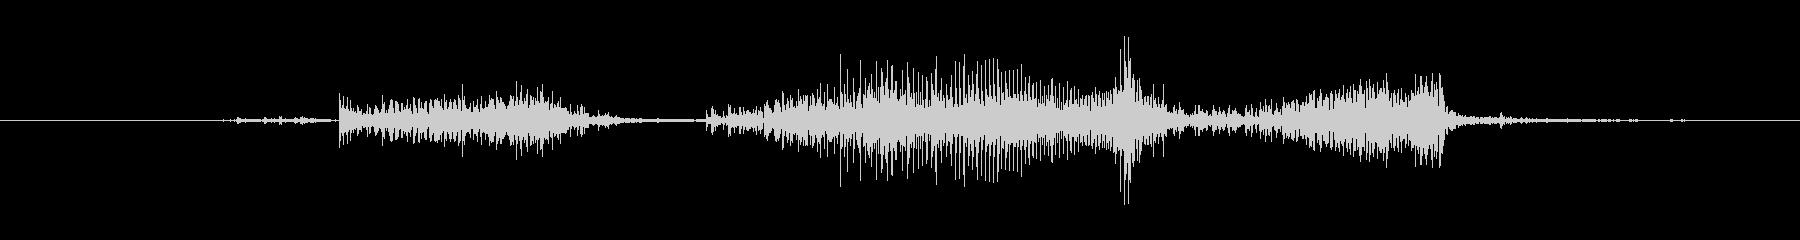 ジッパー ロングクローズラピッド02の未再生の波形